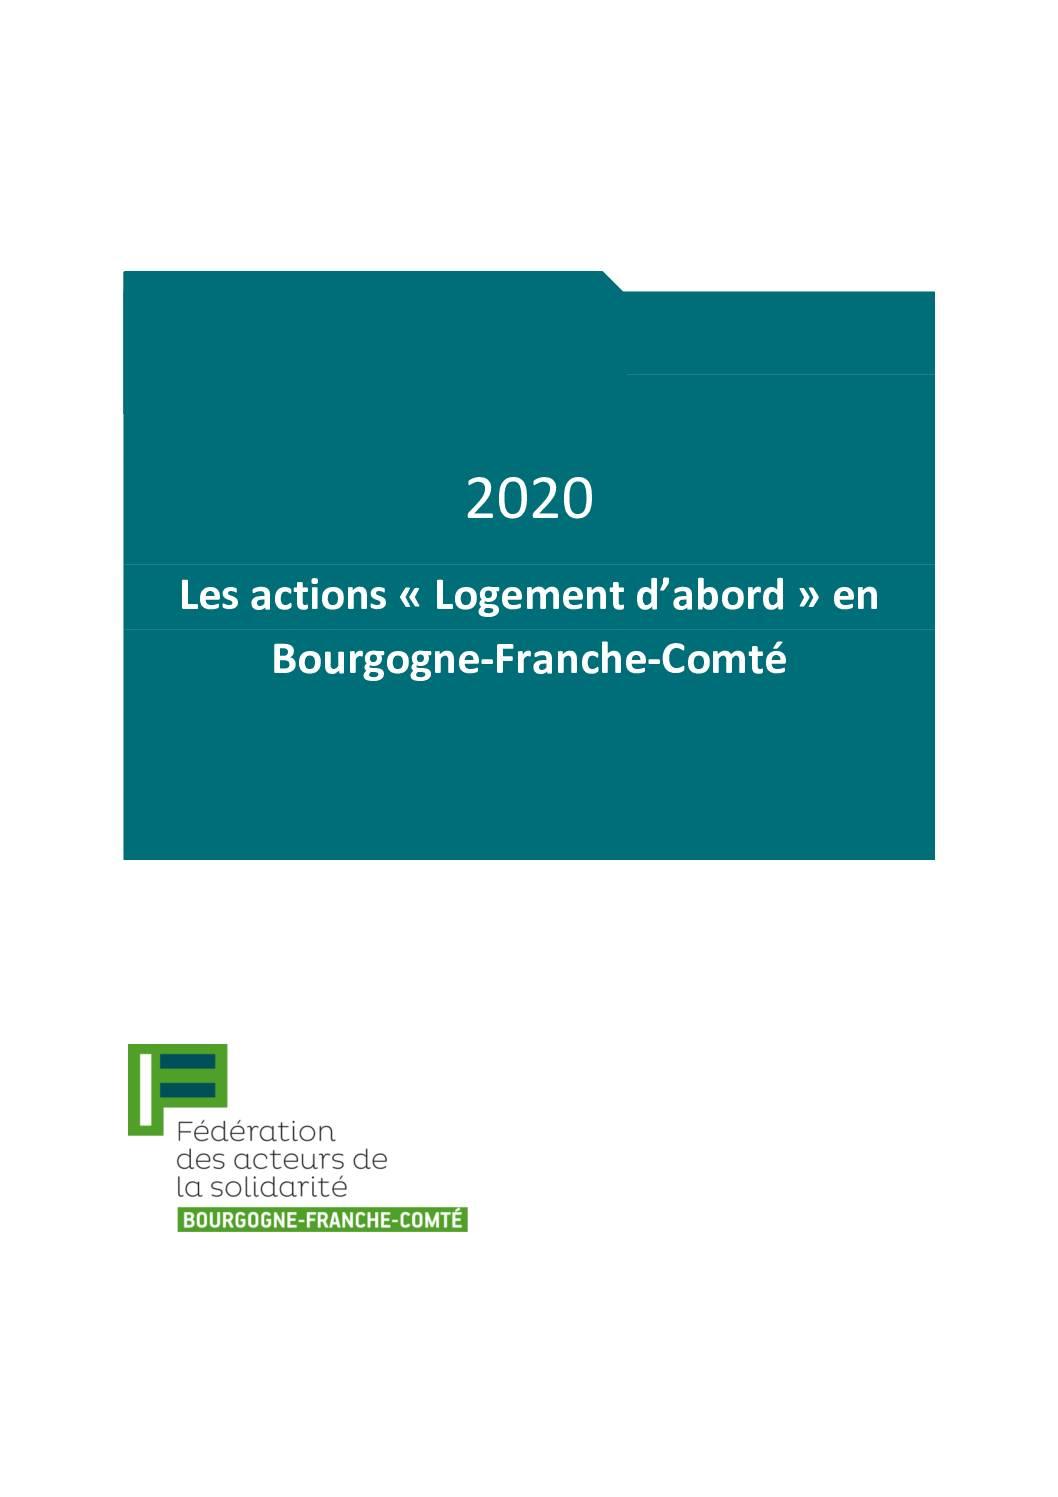 Guide 2020 des actions Logement d'abord en Bourgogne-Franche-Comté